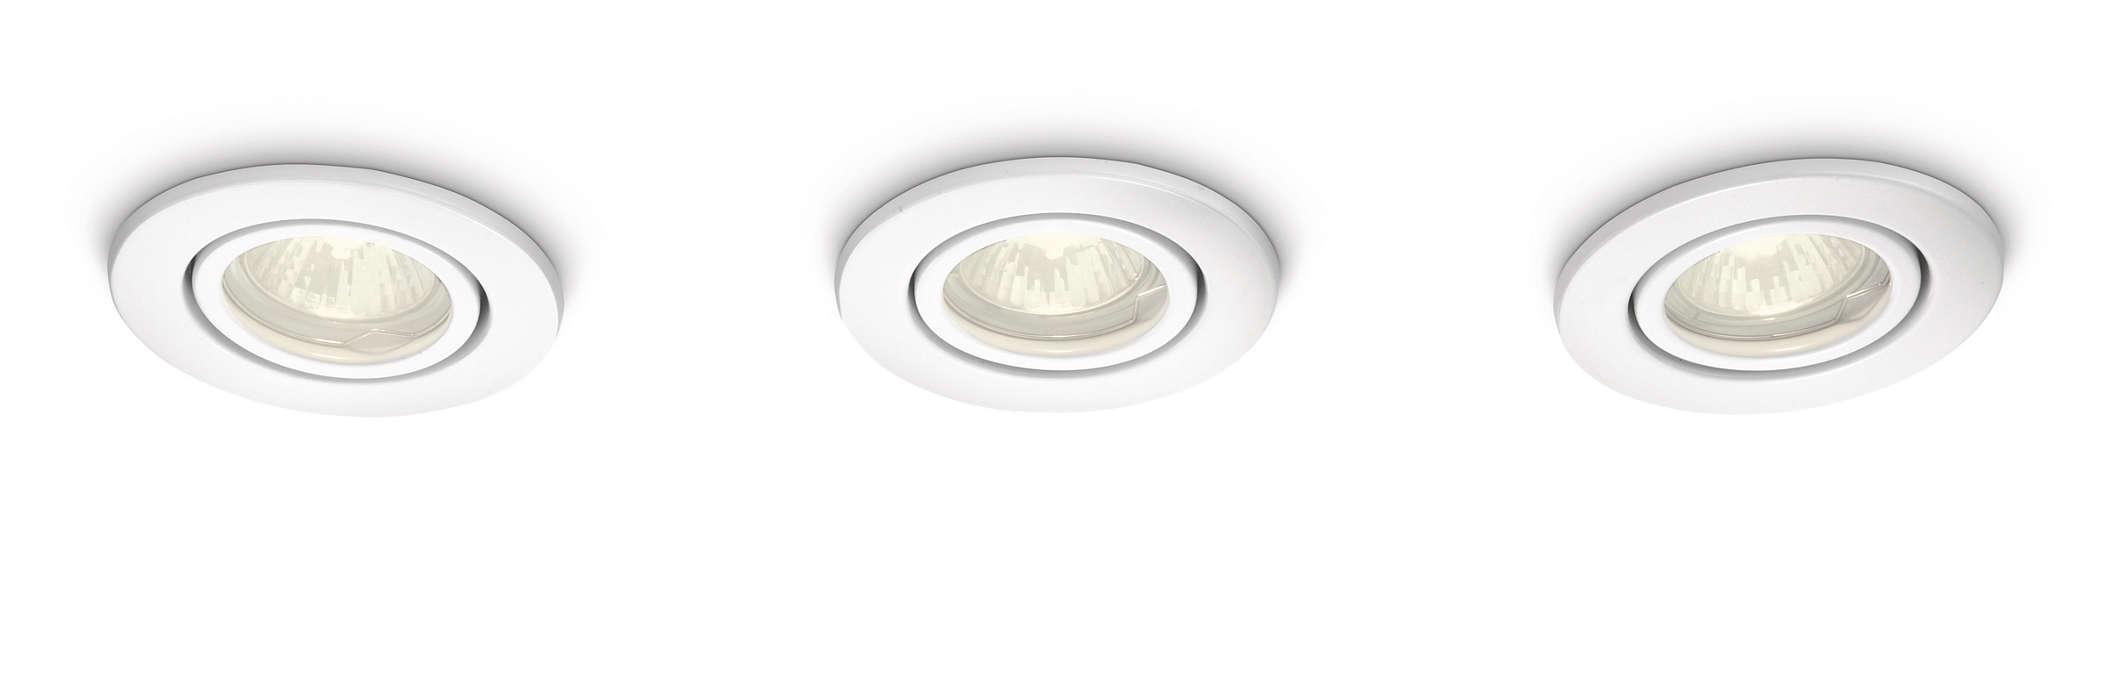 Естественный свет, создающий приятную атмосферу